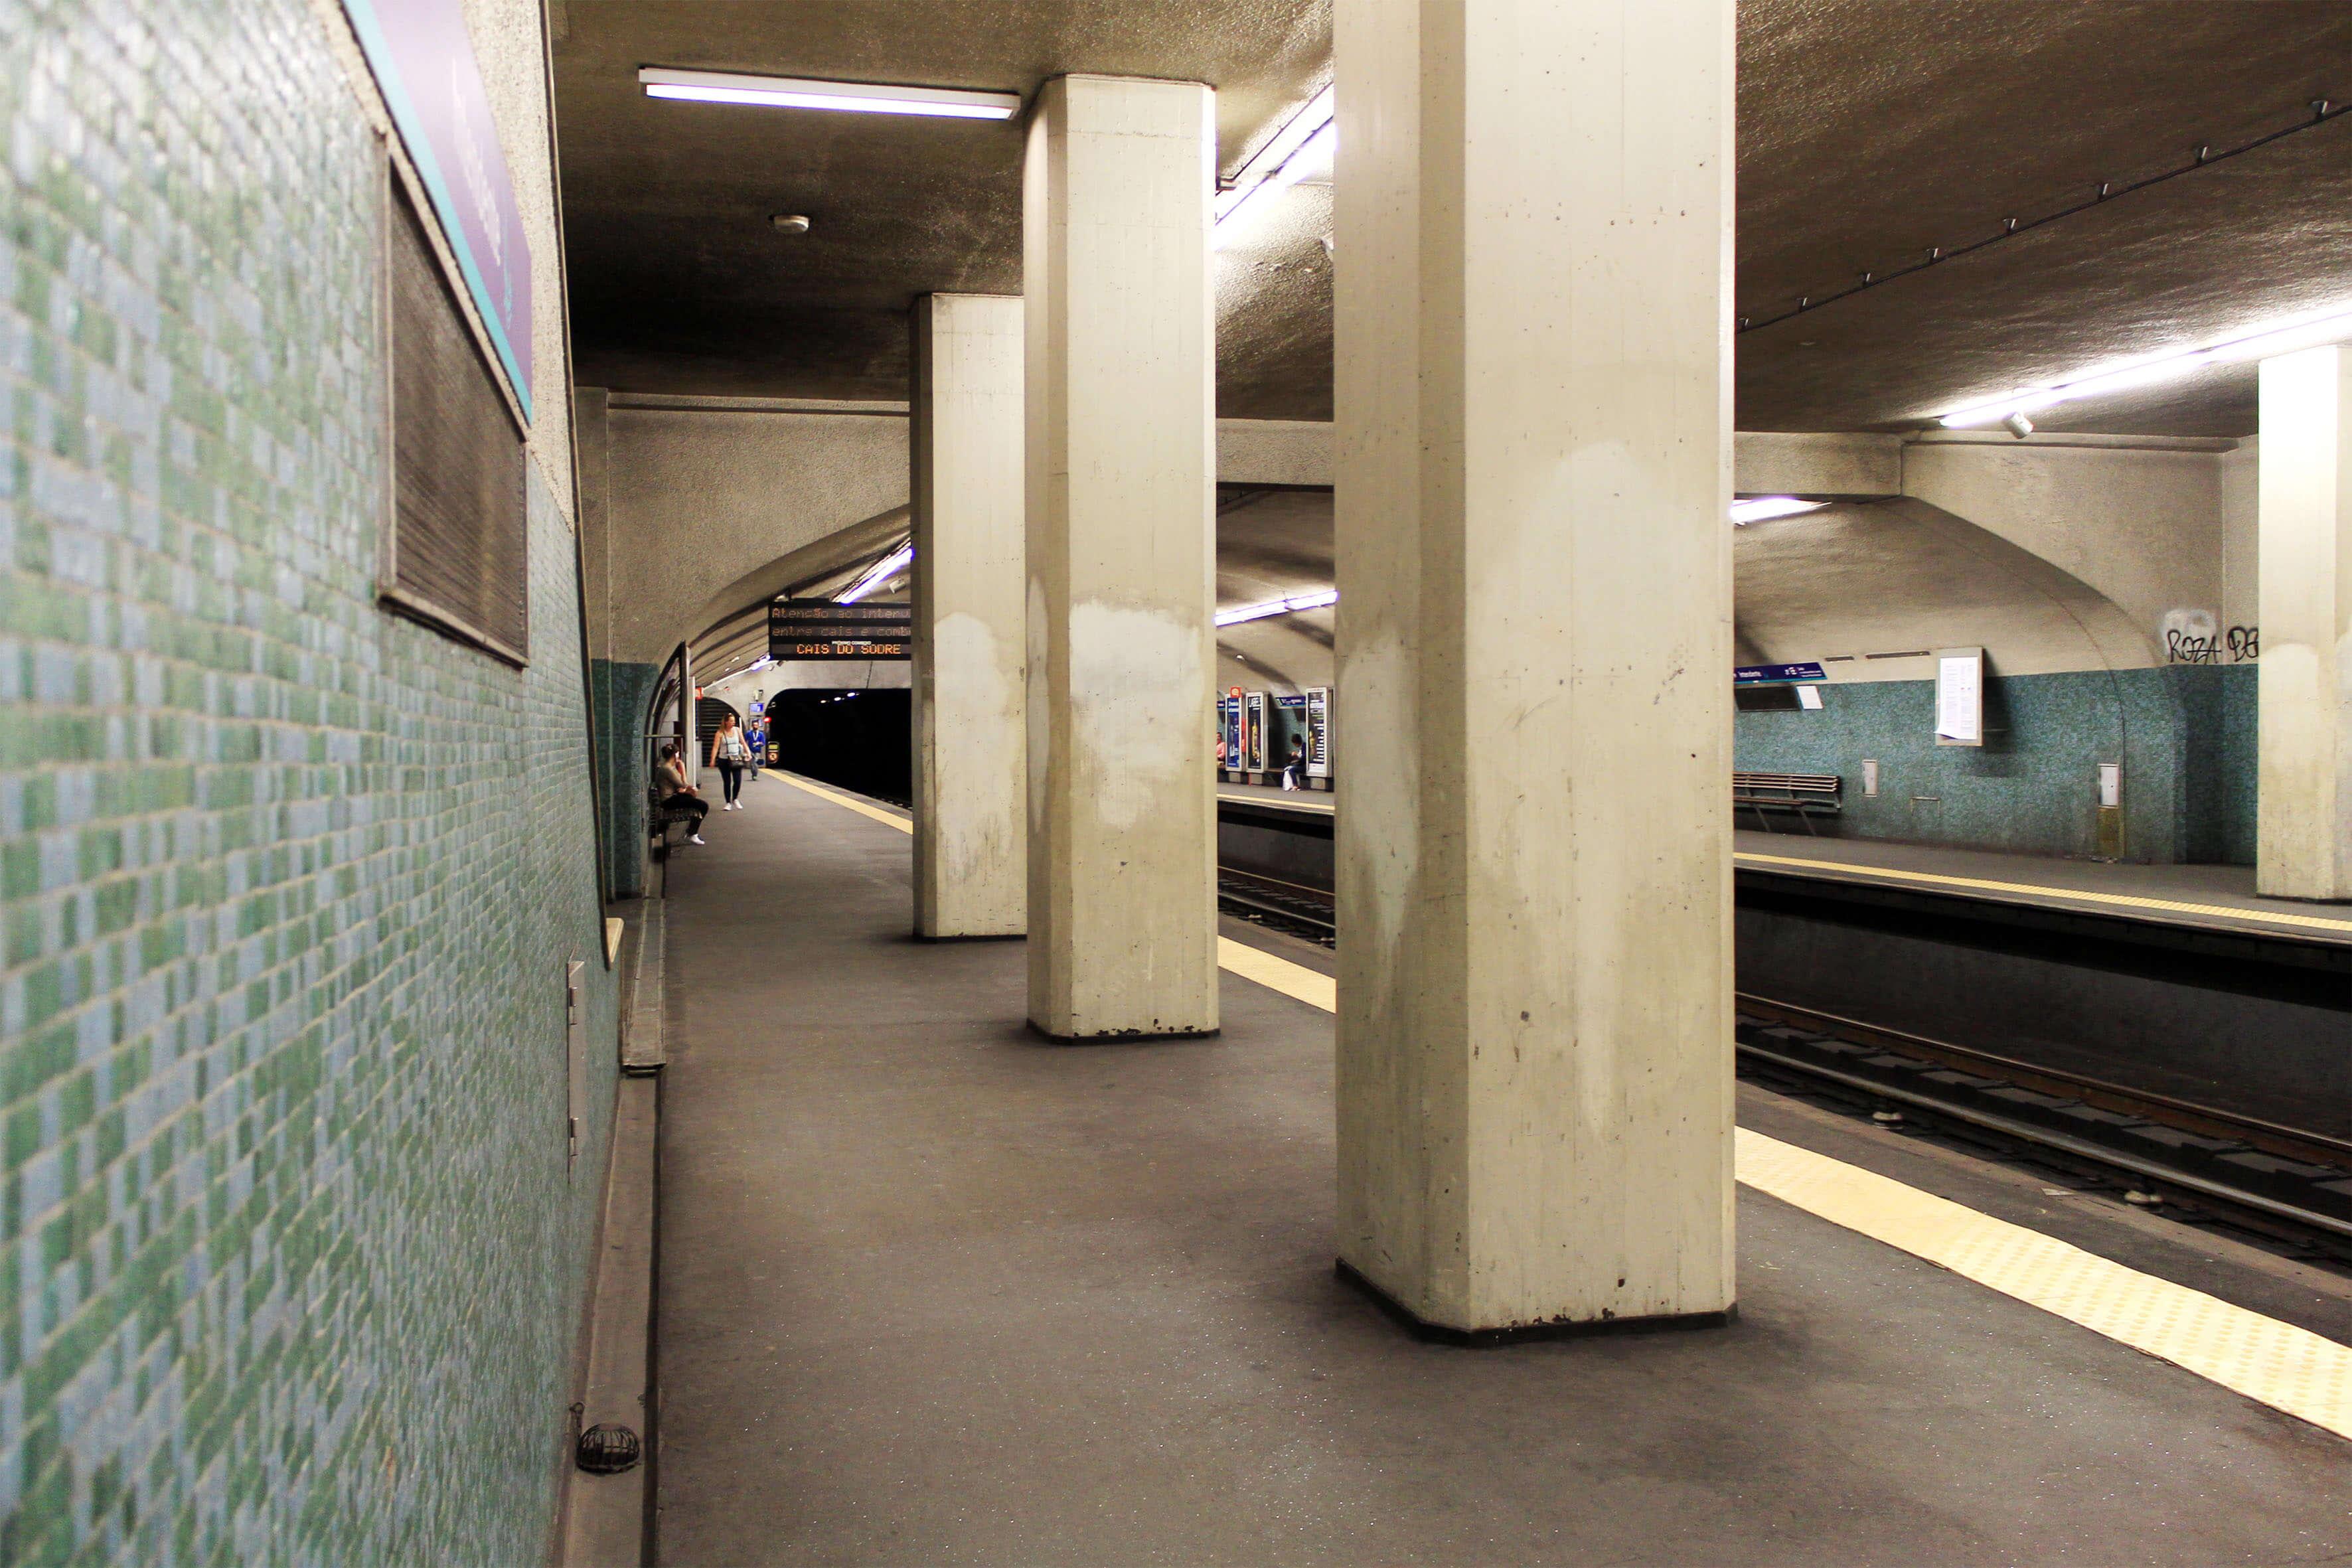 Estação do Metro do Intendente